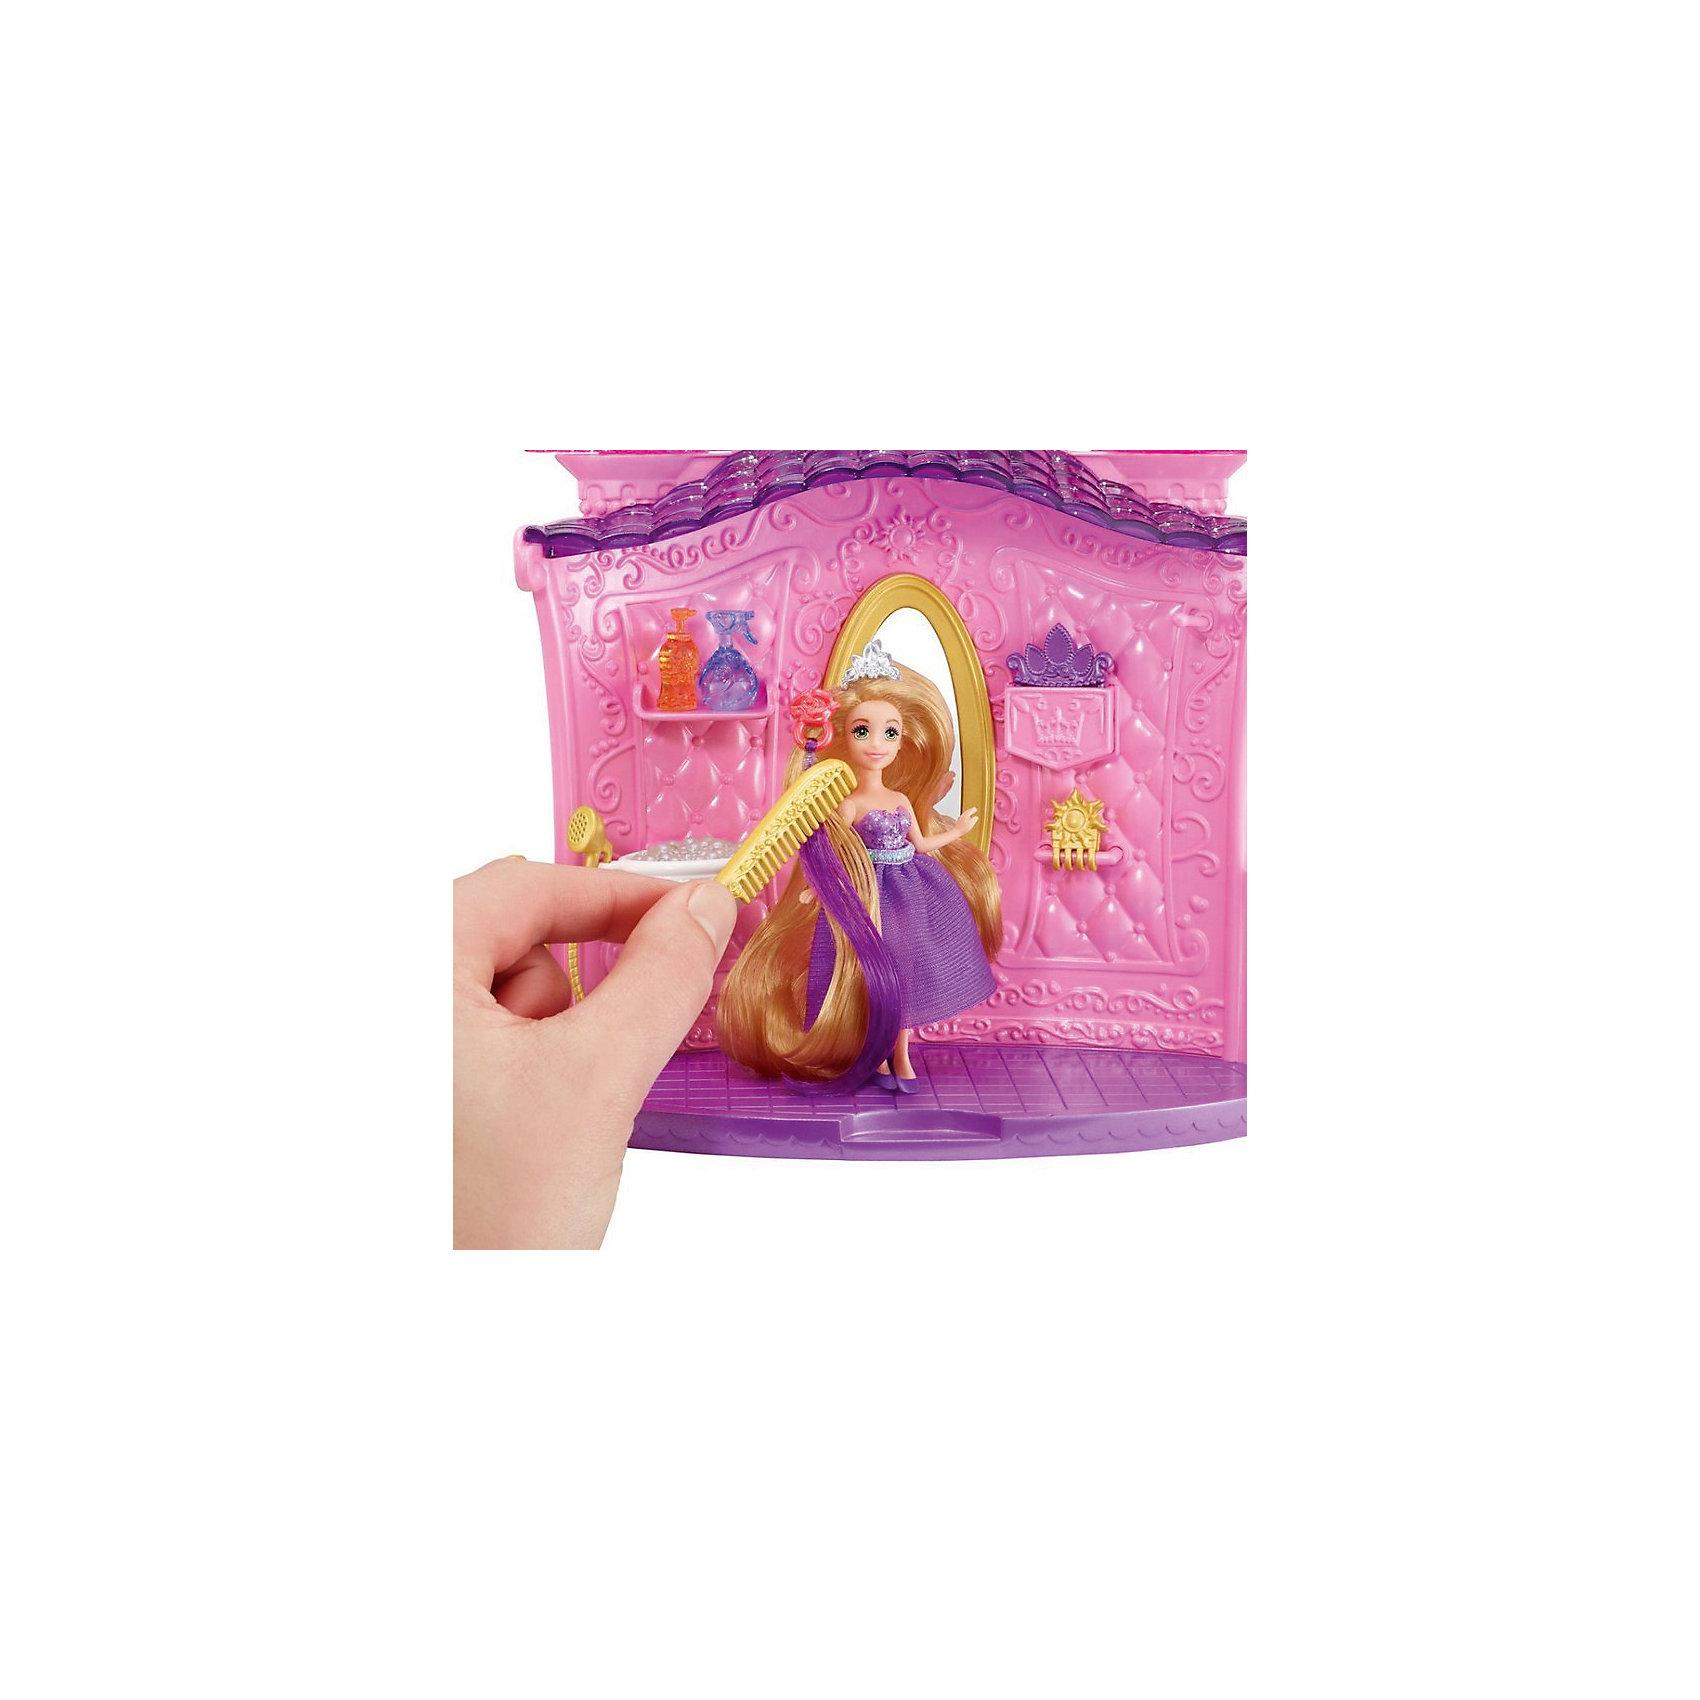 Кукла в наборе с аксессуарами Создай прическу, Принцессы ДиснейИгрушки<br>Кукла в наборе с аксессуарами Создай прическу, Disney Princess – это отличный подарок для вашей девочки!<br>Кукла в наборе с аксессуарами Создай прическу, 5 предметов - это целая находка для юных парикмахеров. Все девочки просто обожают делать разные прически и заплетать косички. В набор входит мини-куколка Рапунцель с длинными волосами и её салон, где можно найти раковину с пластиковыми пузырьками и большое зеркало. Так же в наборе есть небольшие парикмахерские аксессуары, заколочки, которые позволят создавать разнообразные прически. Салон стилизован под розовый замок. Юбочка у куклы из ткани, ее можно снимать. У куклы подвижные руки, ноги, голова.<br><br>Дополнительная информация:<br><br>- В наборе: салон, кукла, аксессуары<br>- Материал: высококачественный пластик<br>- Высота куклы: 10 см.<br>- Размер упаковки: 270x60x270 мм.<br>- Вес: 400 гр.<br><br>Куклу а в наборе с аксессуарами Создай прическу, Disney Princess можно купить в нашем интернет-магазине.<br><br>Ширина мм: 270<br>Глубина мм: 60<br>Высота мм: 270<br>Вес г: 400<br>Возраст от месяцев: 36<br>Возраст до месяцев: 108<br>Пол: Женский<br>Возраст: Детский<br>SKU: 4060351